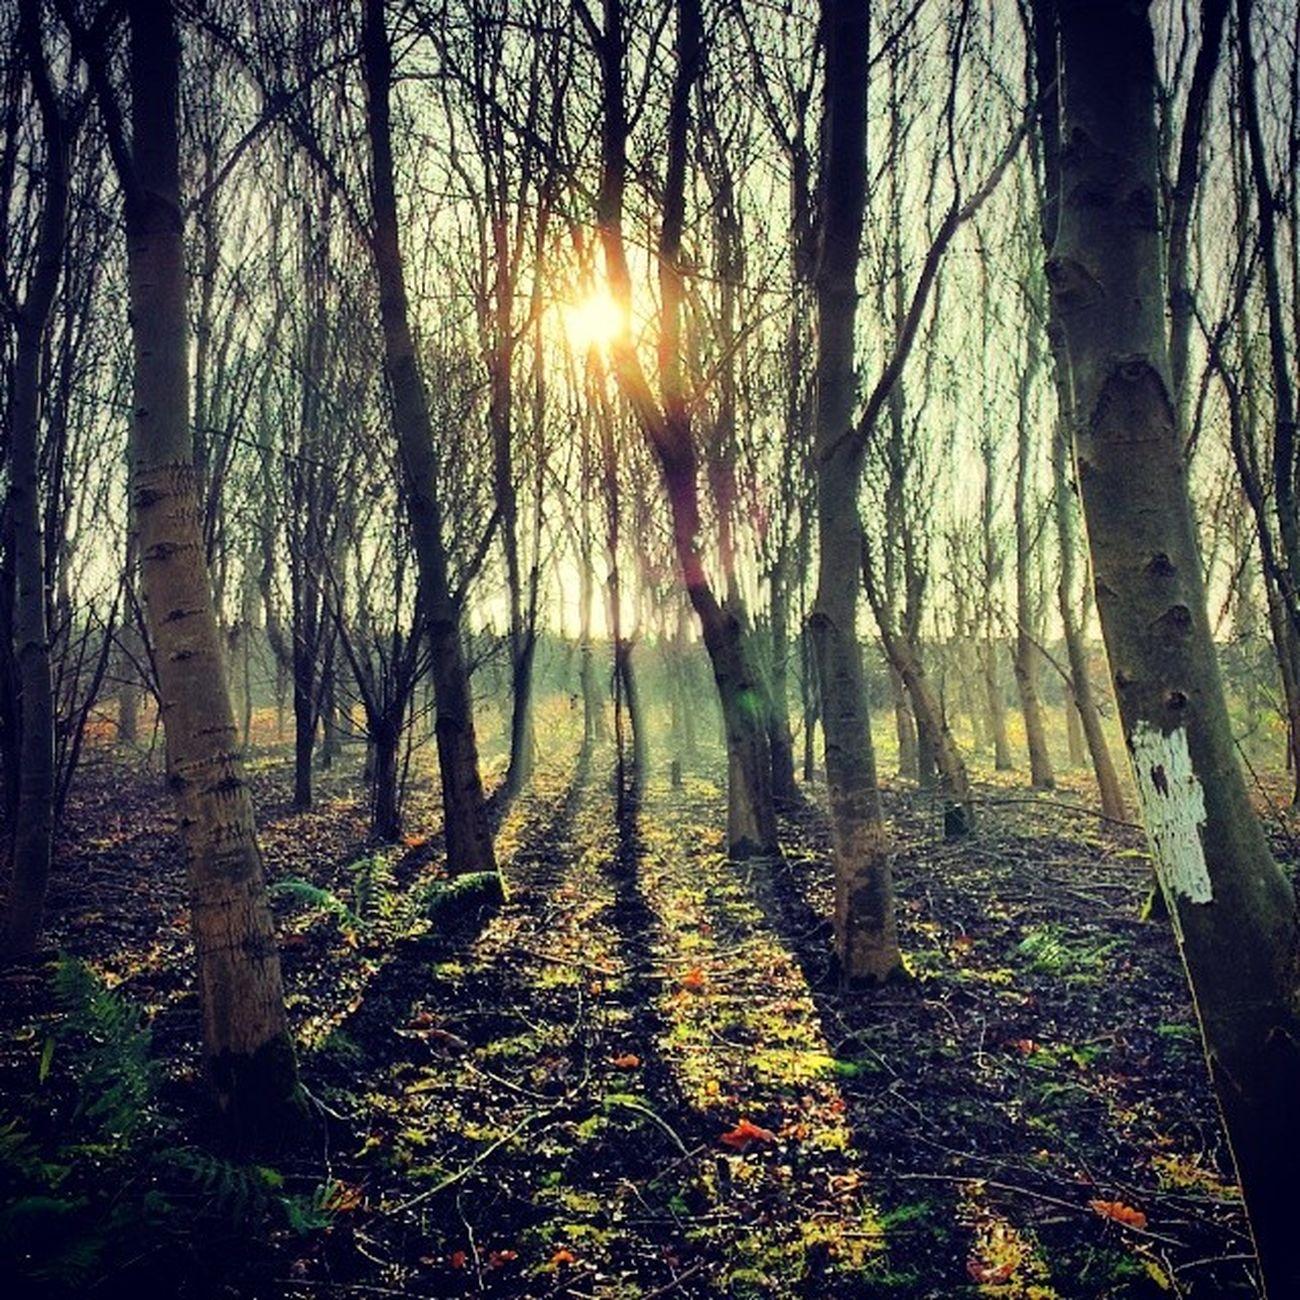 Tree_captures